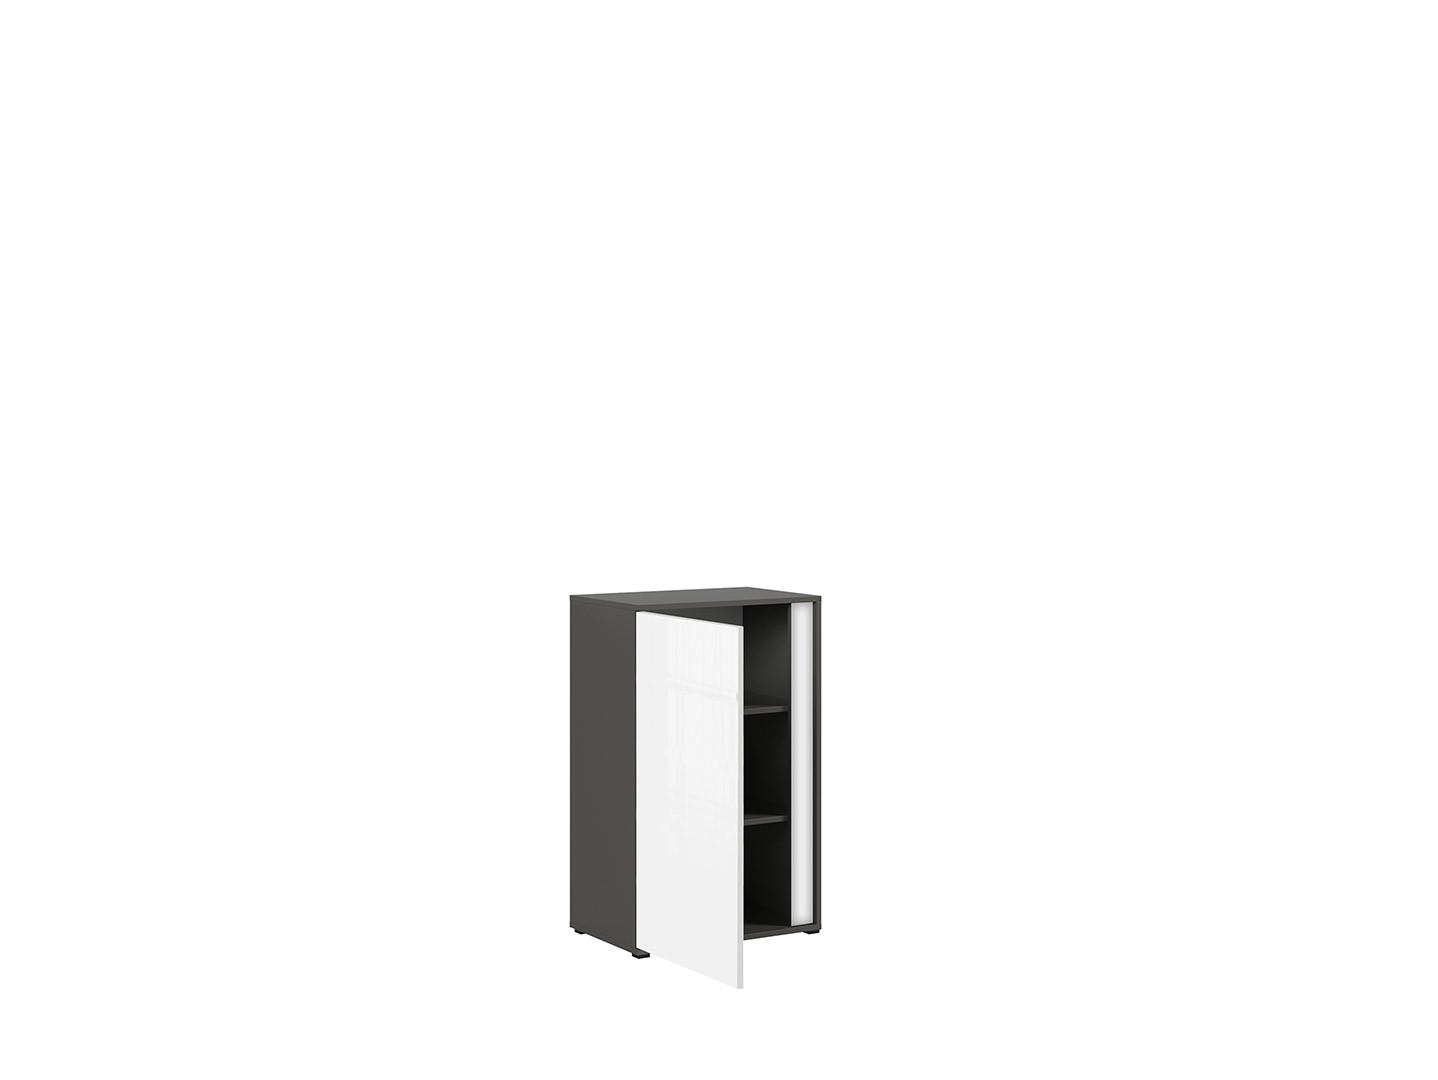 Skrinka GRAPHIC KOM1DL/C sivý wolfram/biely zrkadlový lesk